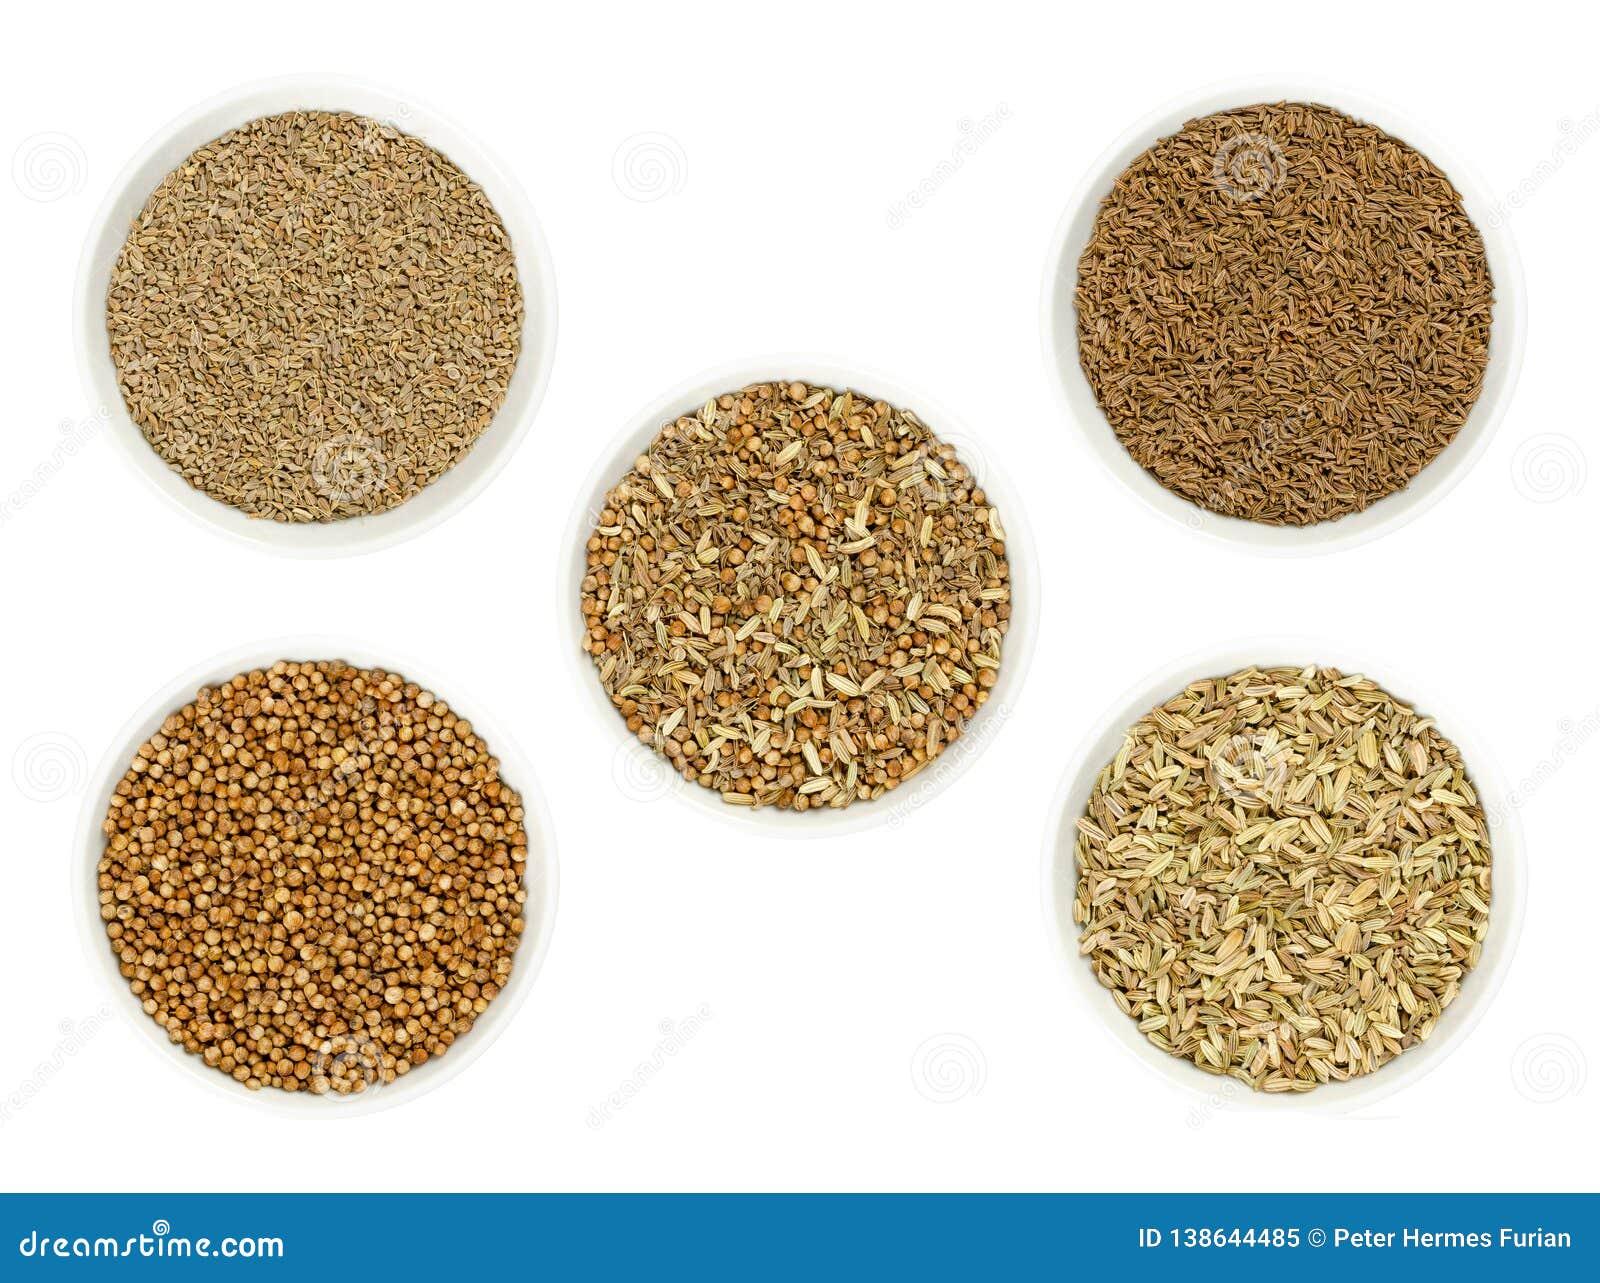 Μίγμα καρυκευμάτων ψωμιού που περιβάλλεται από τα συστατικά στα κύπελλα πέρα από το λευκό